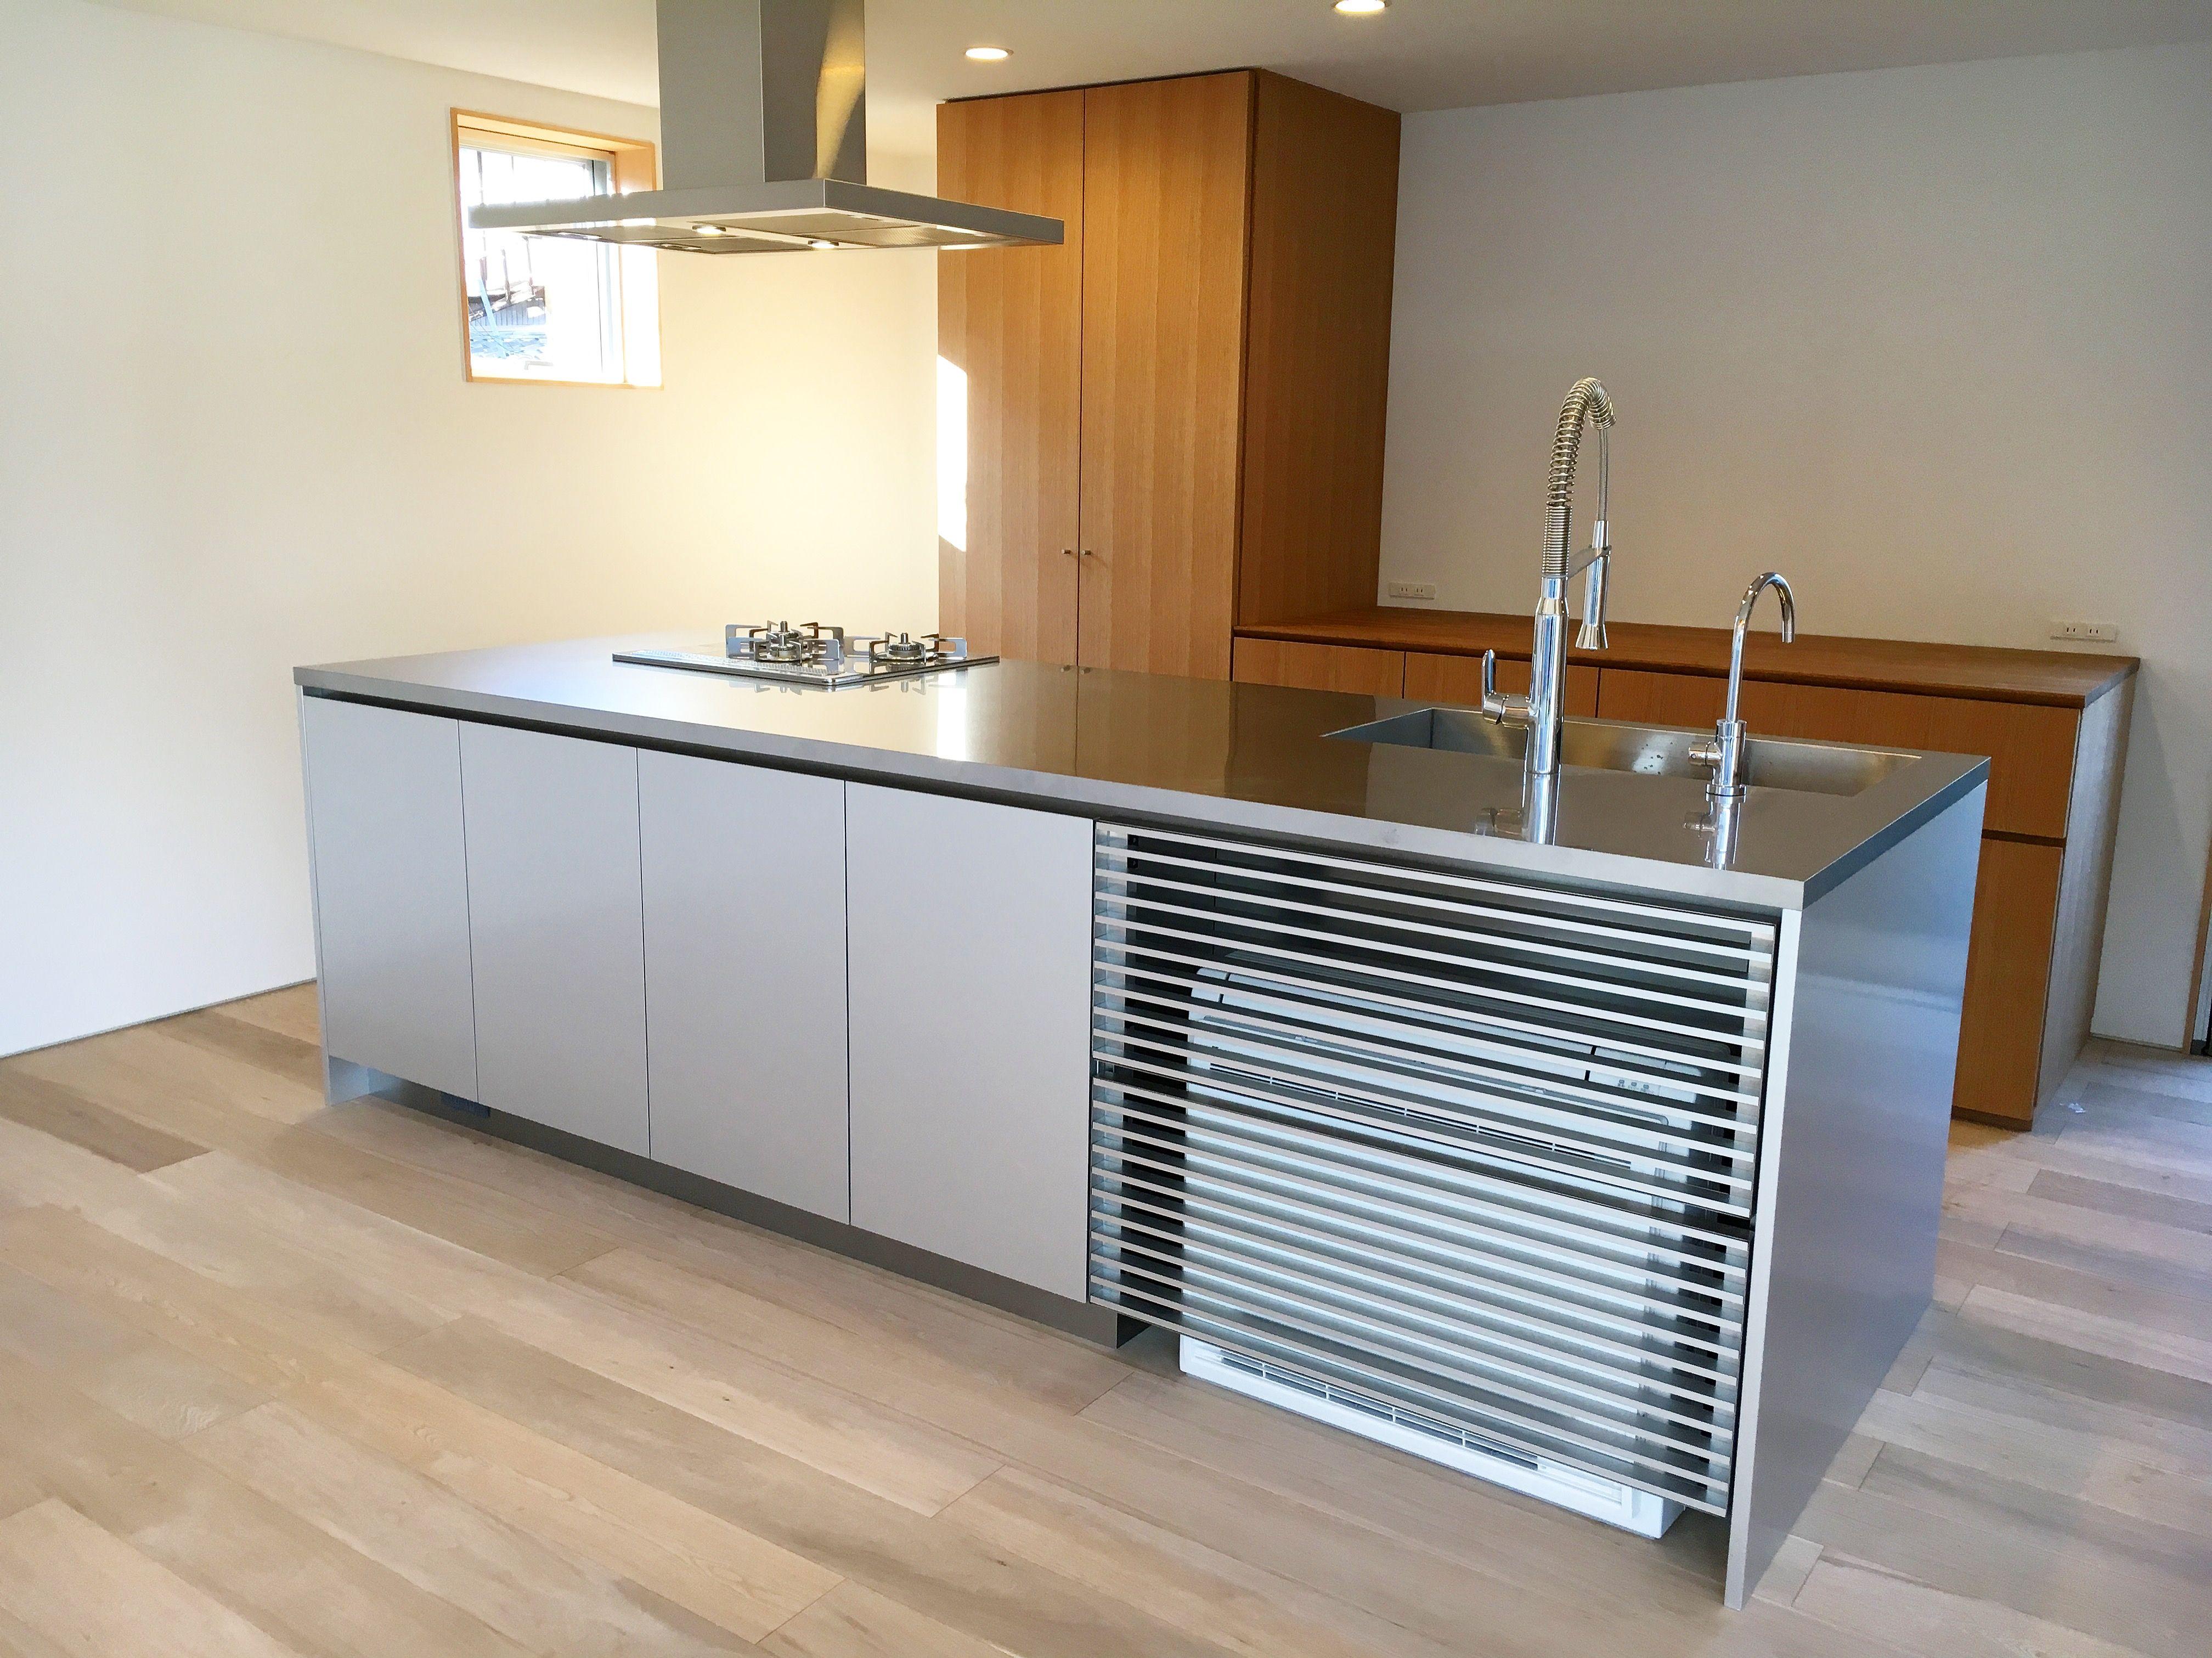 施工事例 アイランドキッチン メタルのアイランドキッチンです ポイントは何と言ってもステンレスとアルミで特注製作した床置き式エアコン前のルーバーです キッチン全体のデザインを崩さないように細かな寸法まで計算して設計しています 他にも機器を多く